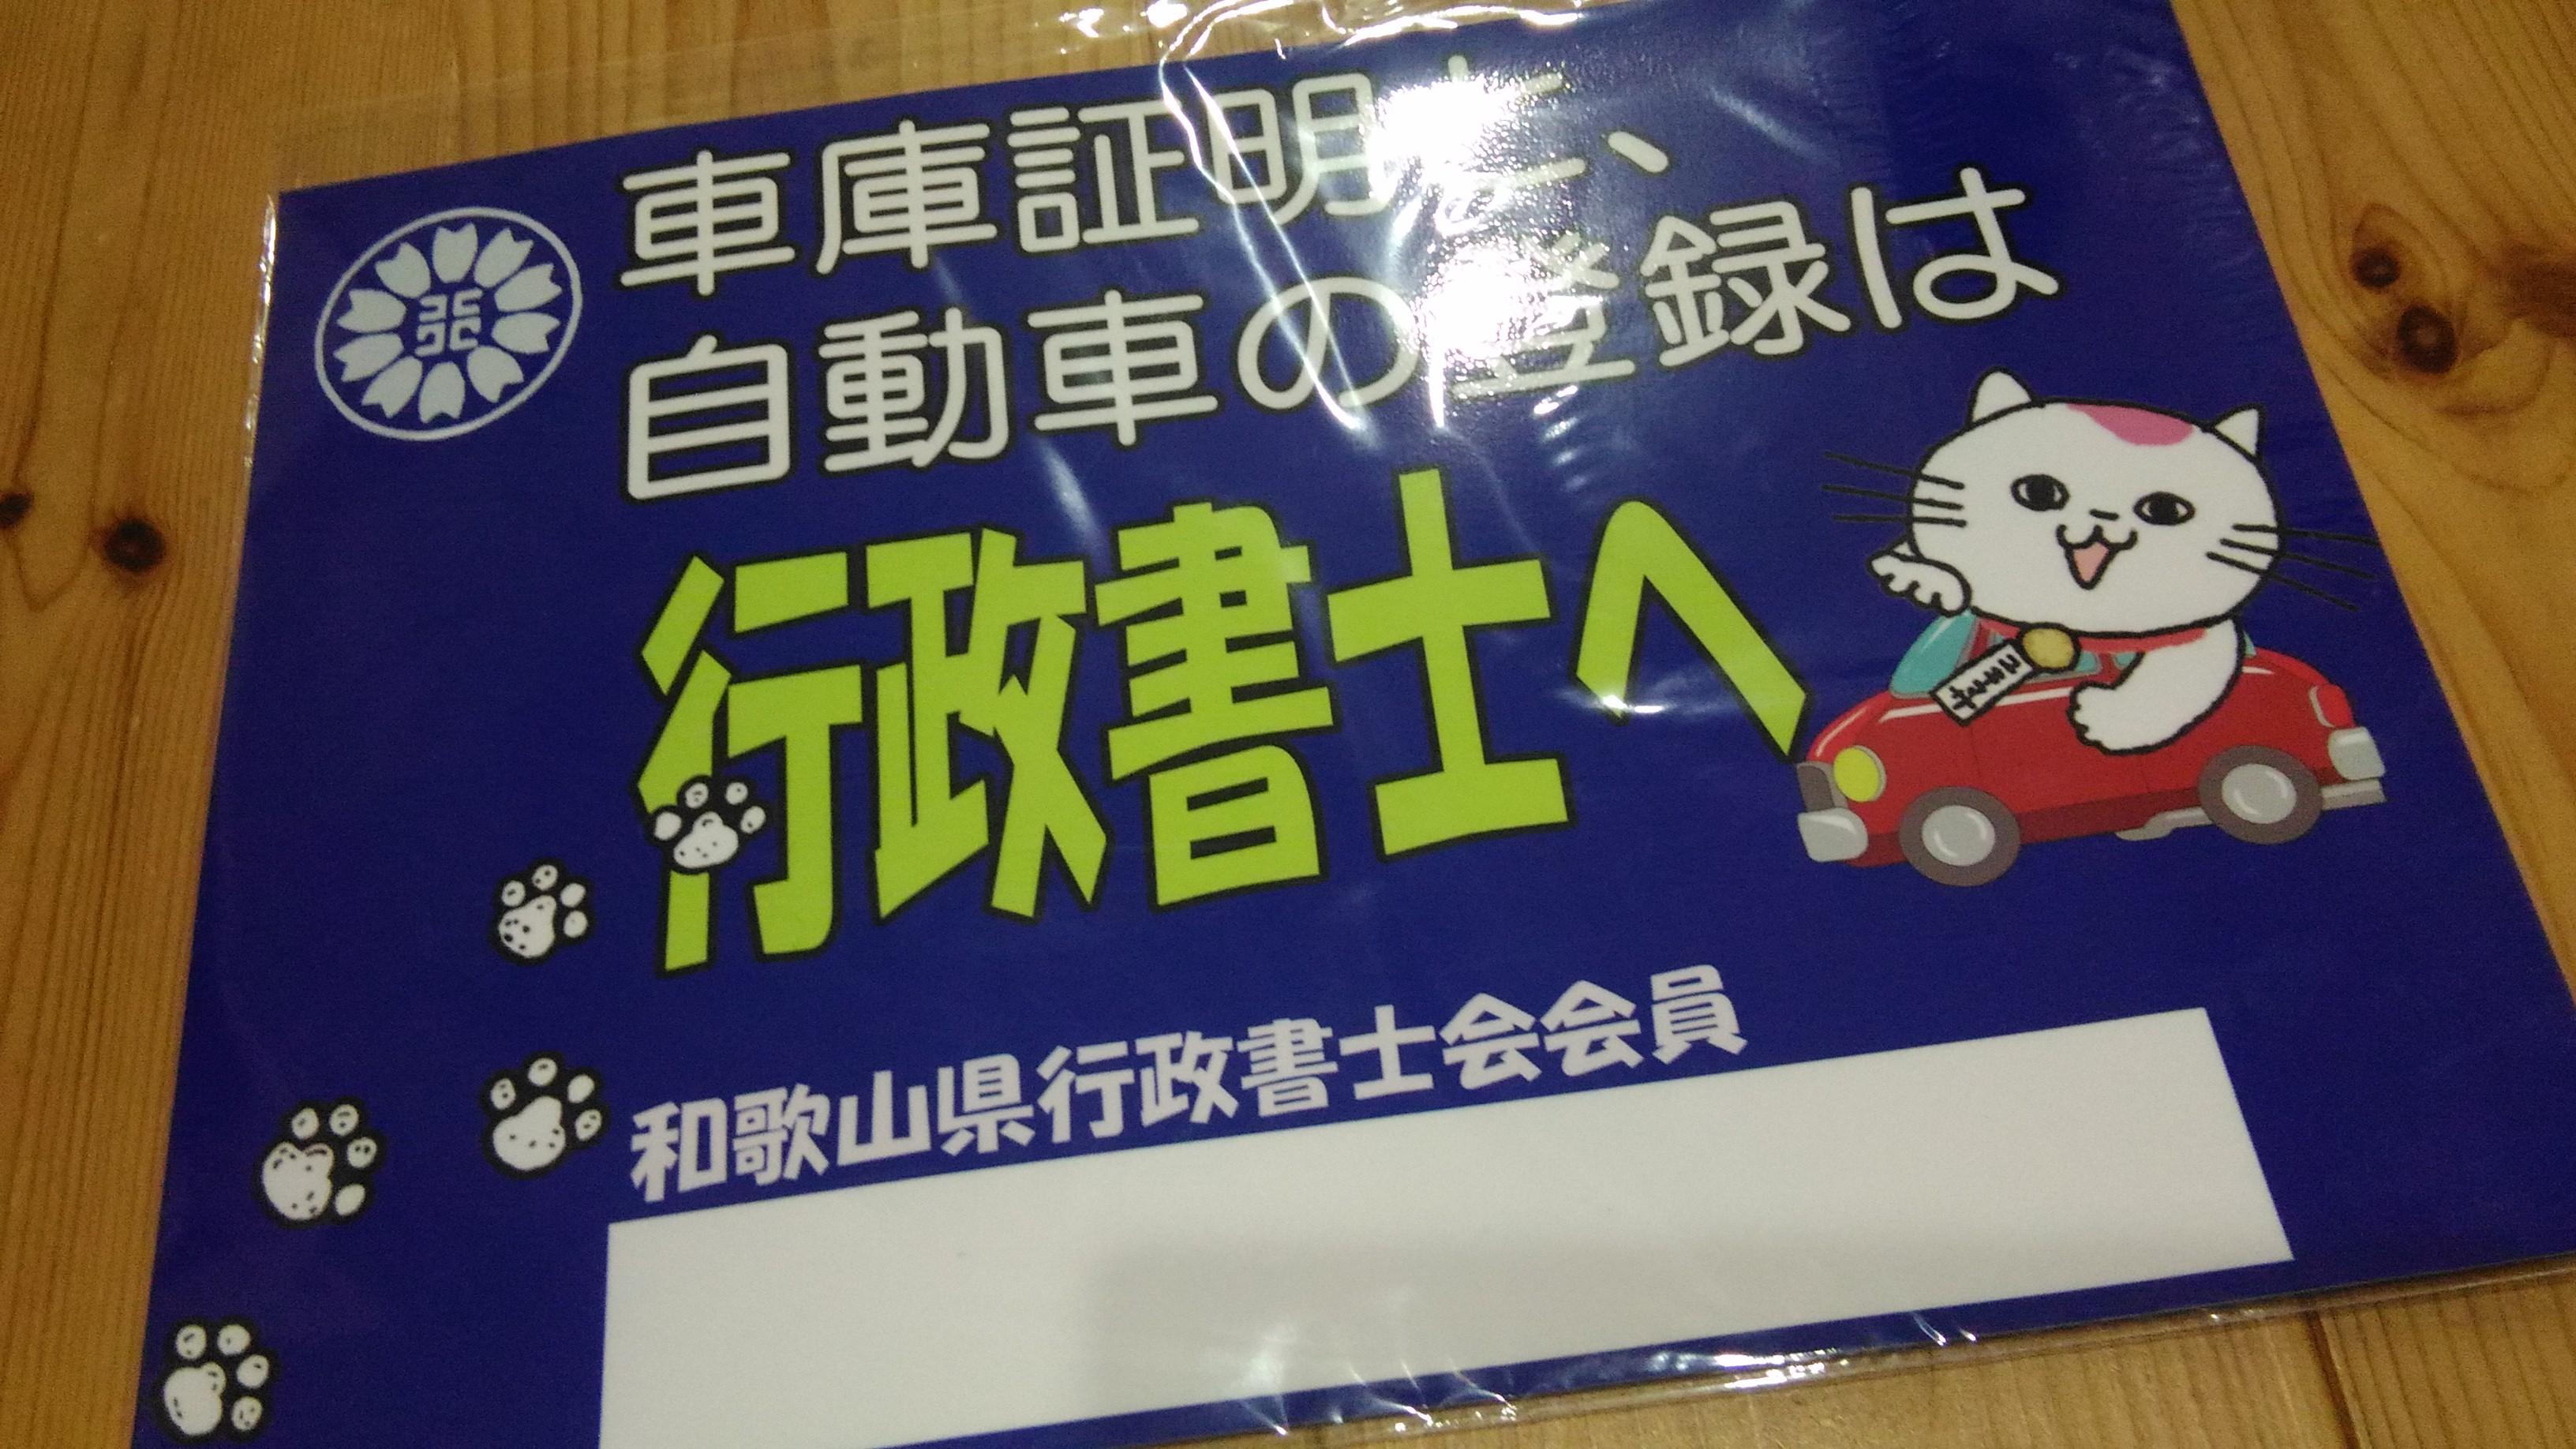 車庫証明を和歌山県で代行しています。